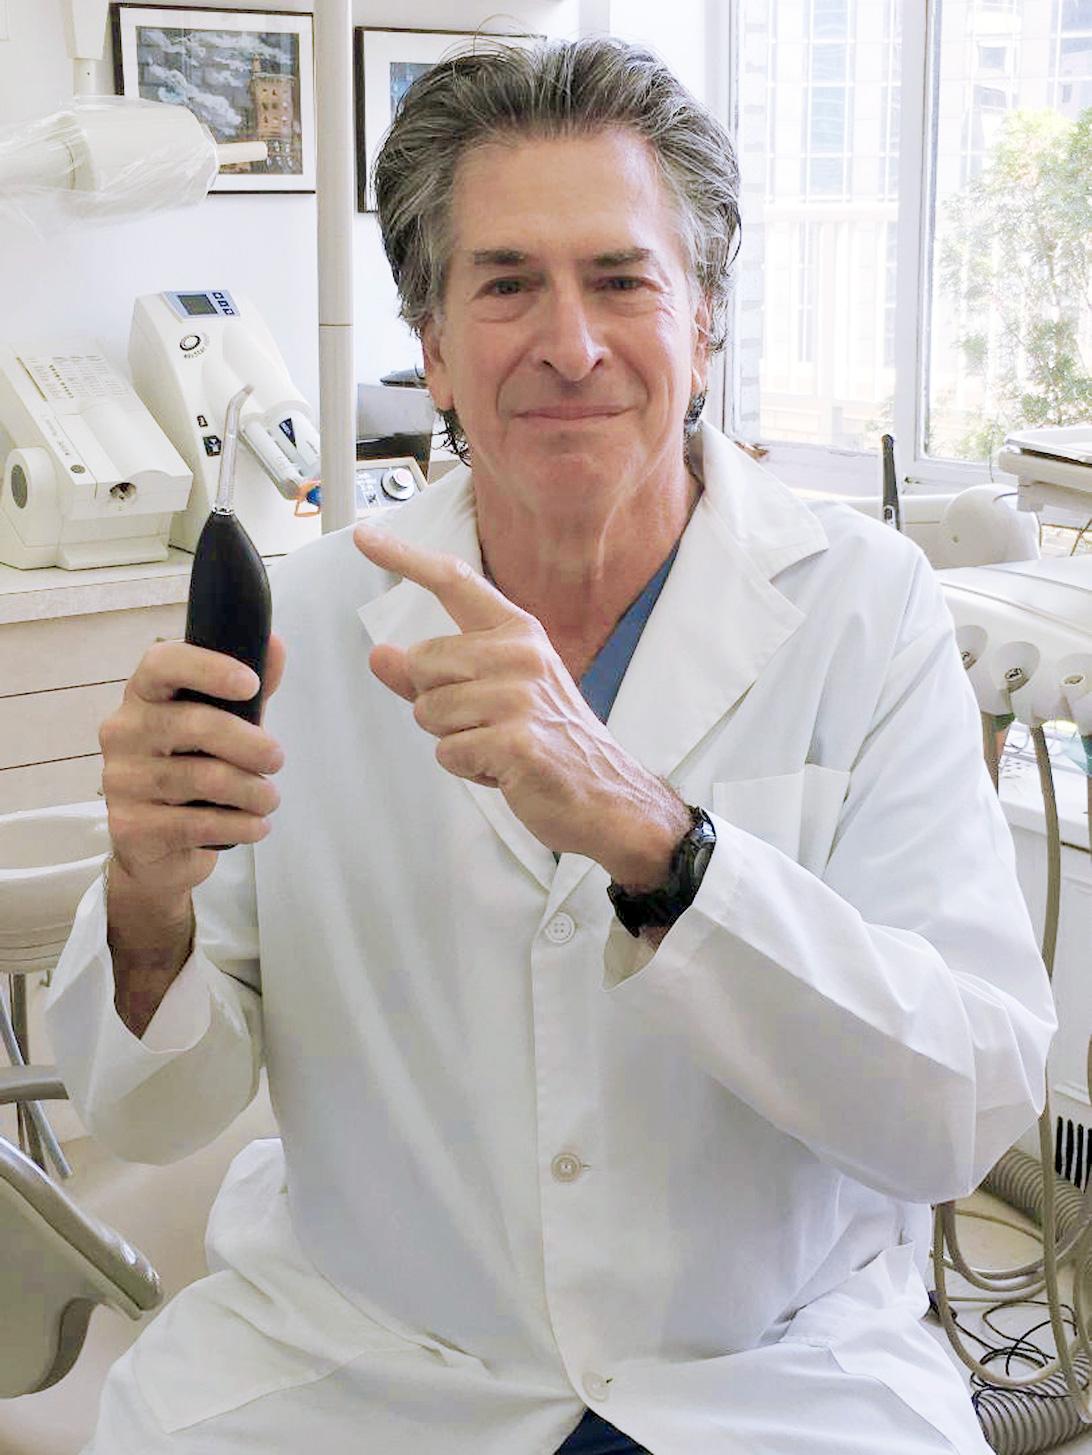 Dr. Steven J. Mondre